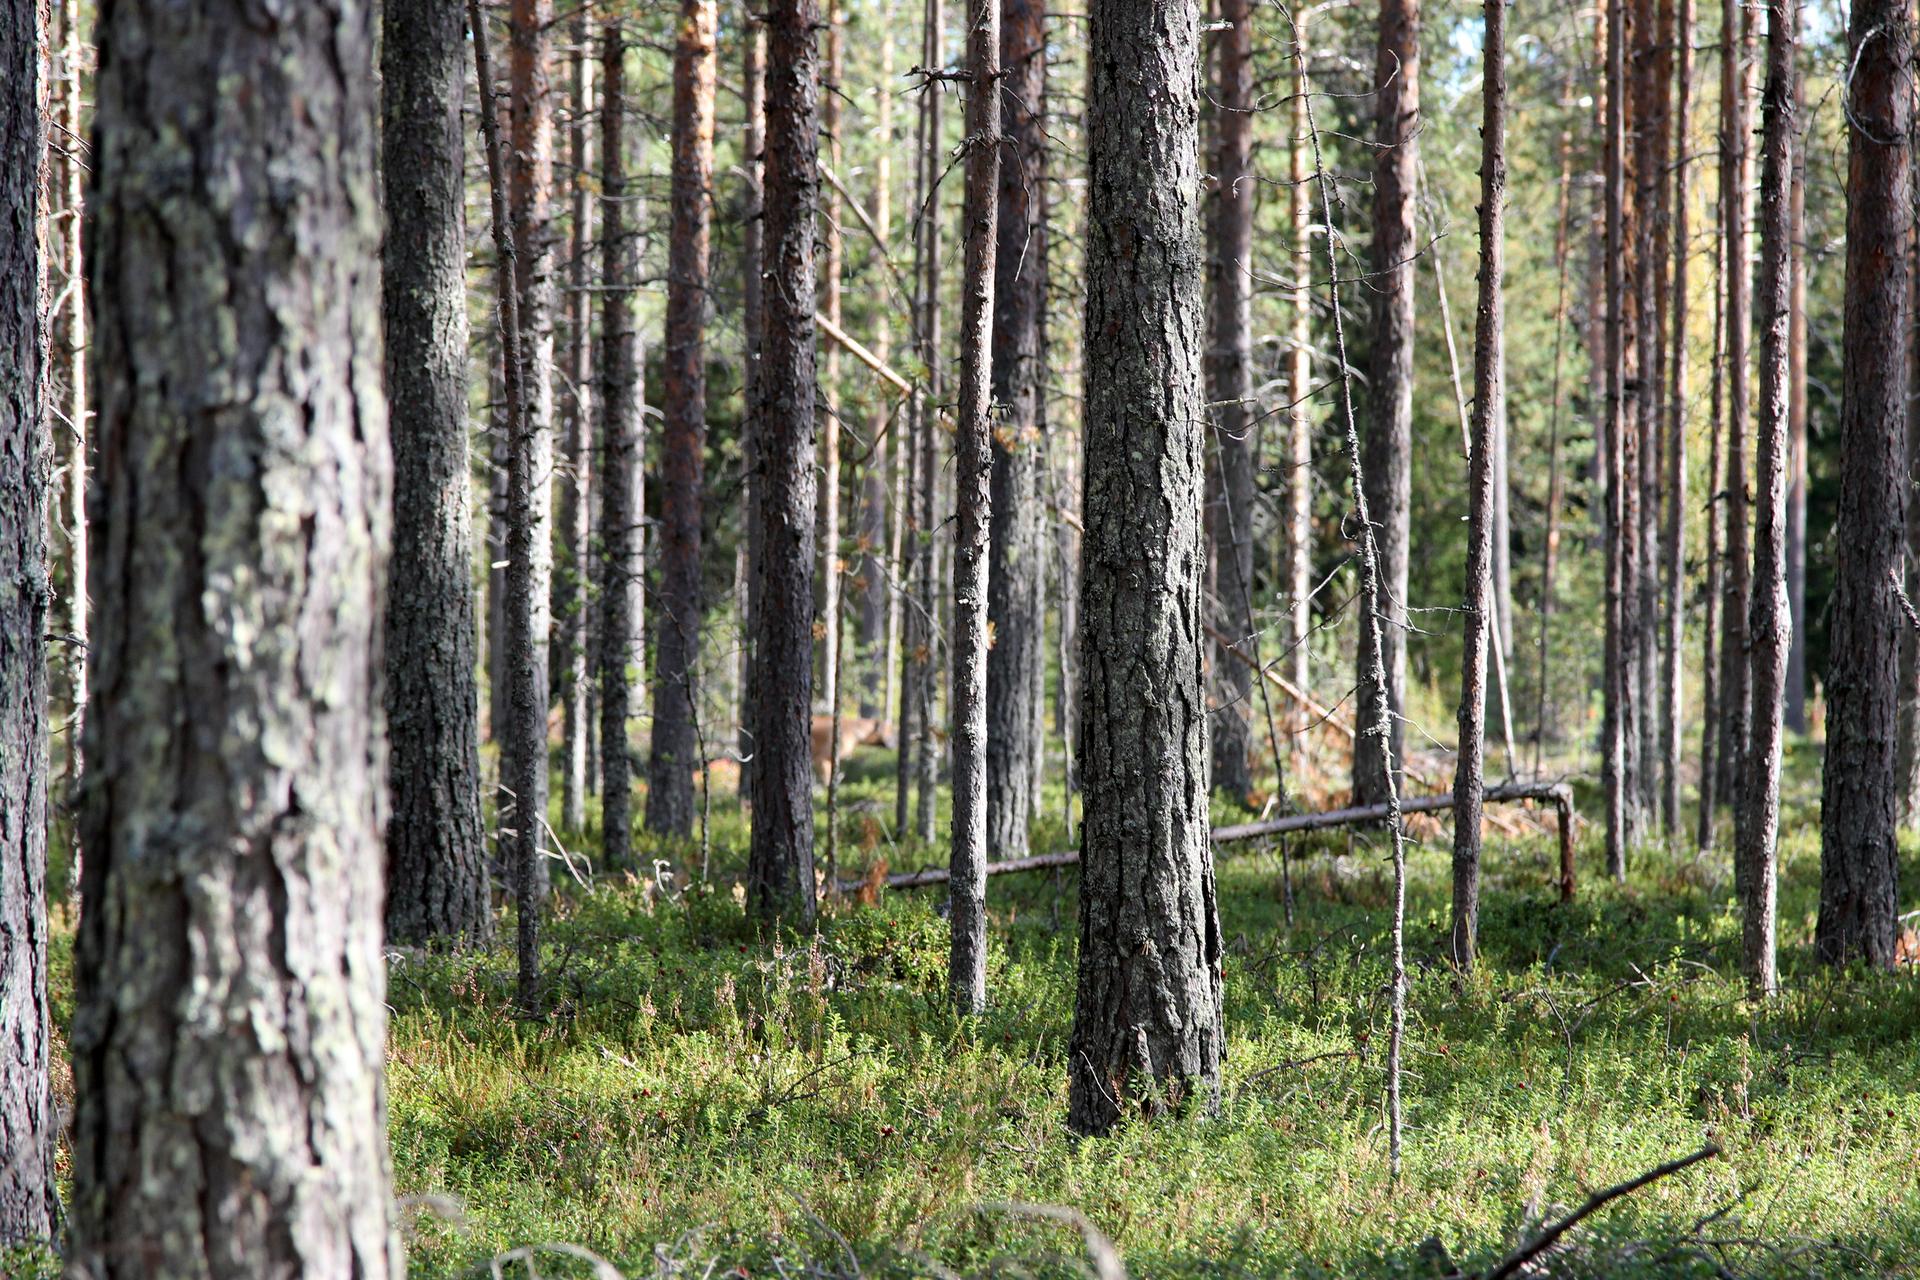 Fotografia zlewej przedstawia wnętrze boru sosnowego. Liczne cieńsze igrubsze pnie drzew, jeden złamany. Między nimi połacie nasłonecznionego runa leśnego.